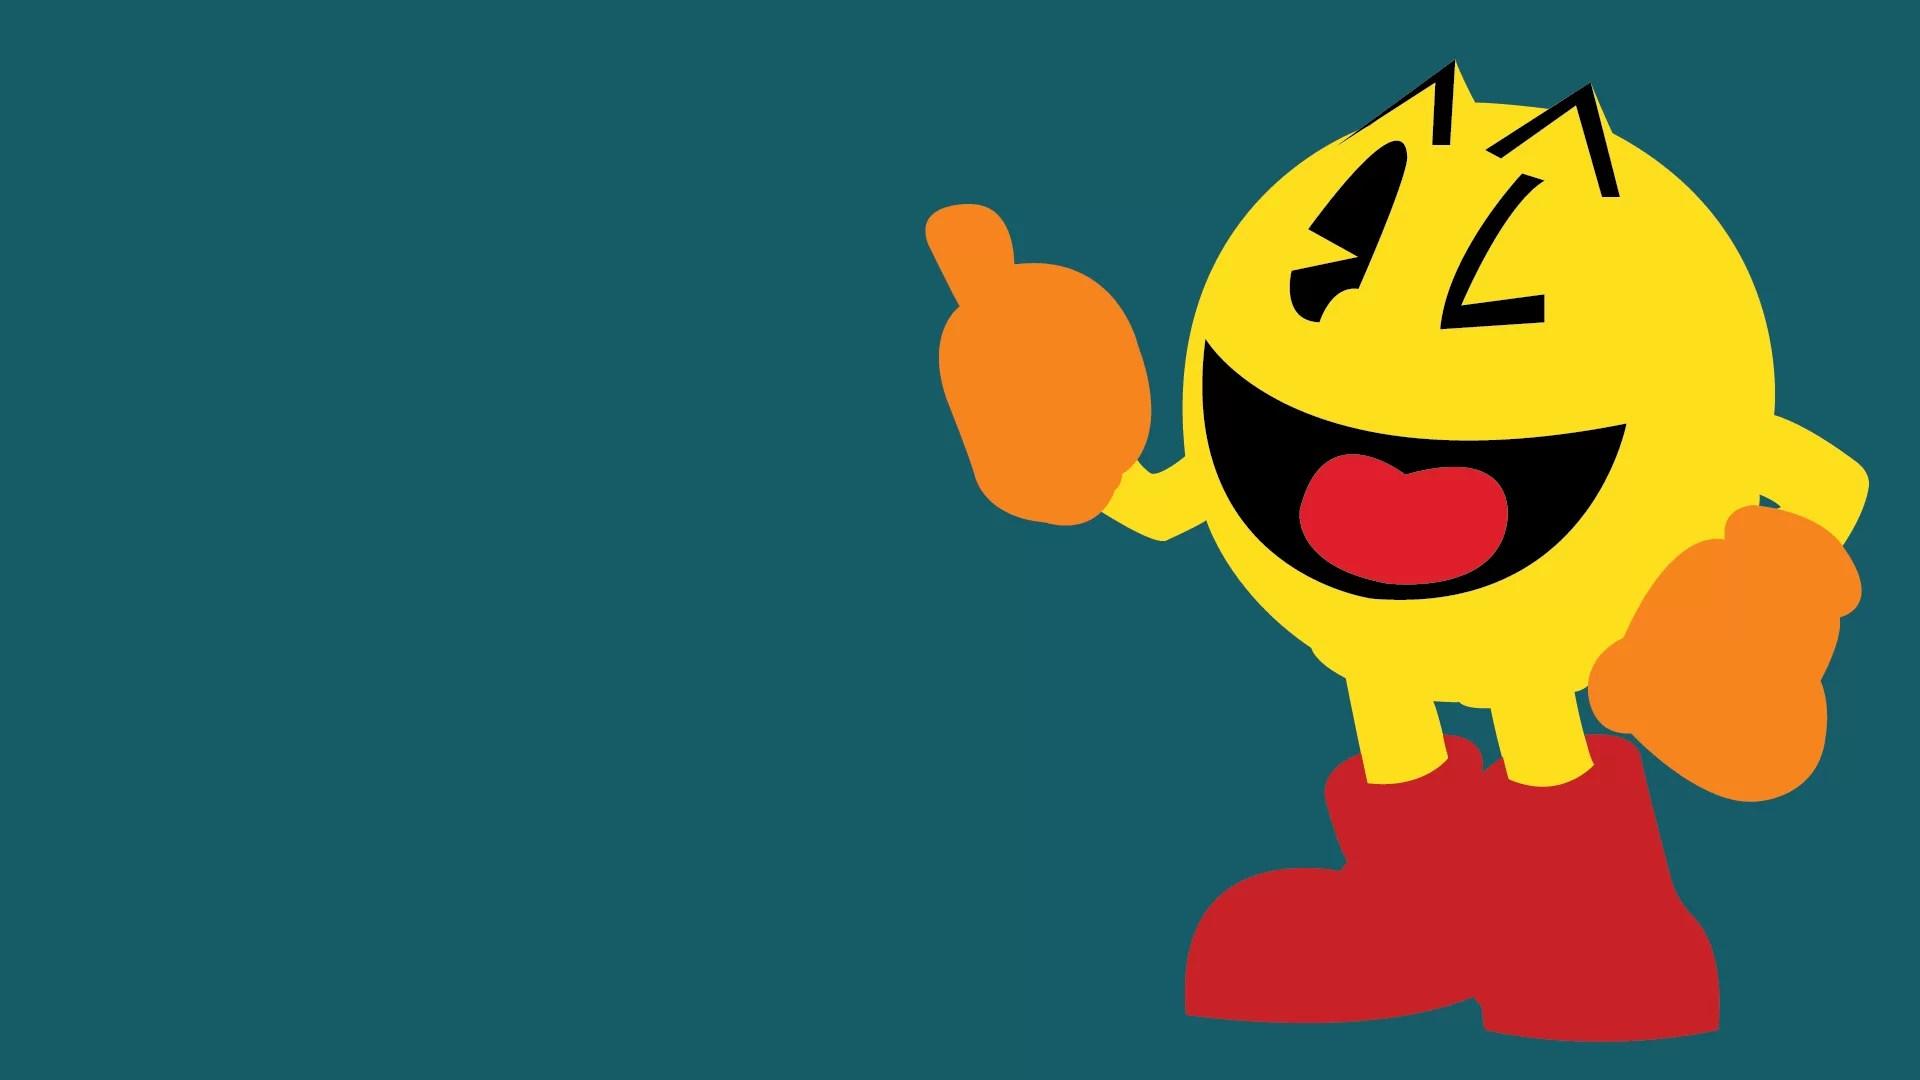 Você sabia que Come-Come é o nome de outro game que não é o Pac-Man?